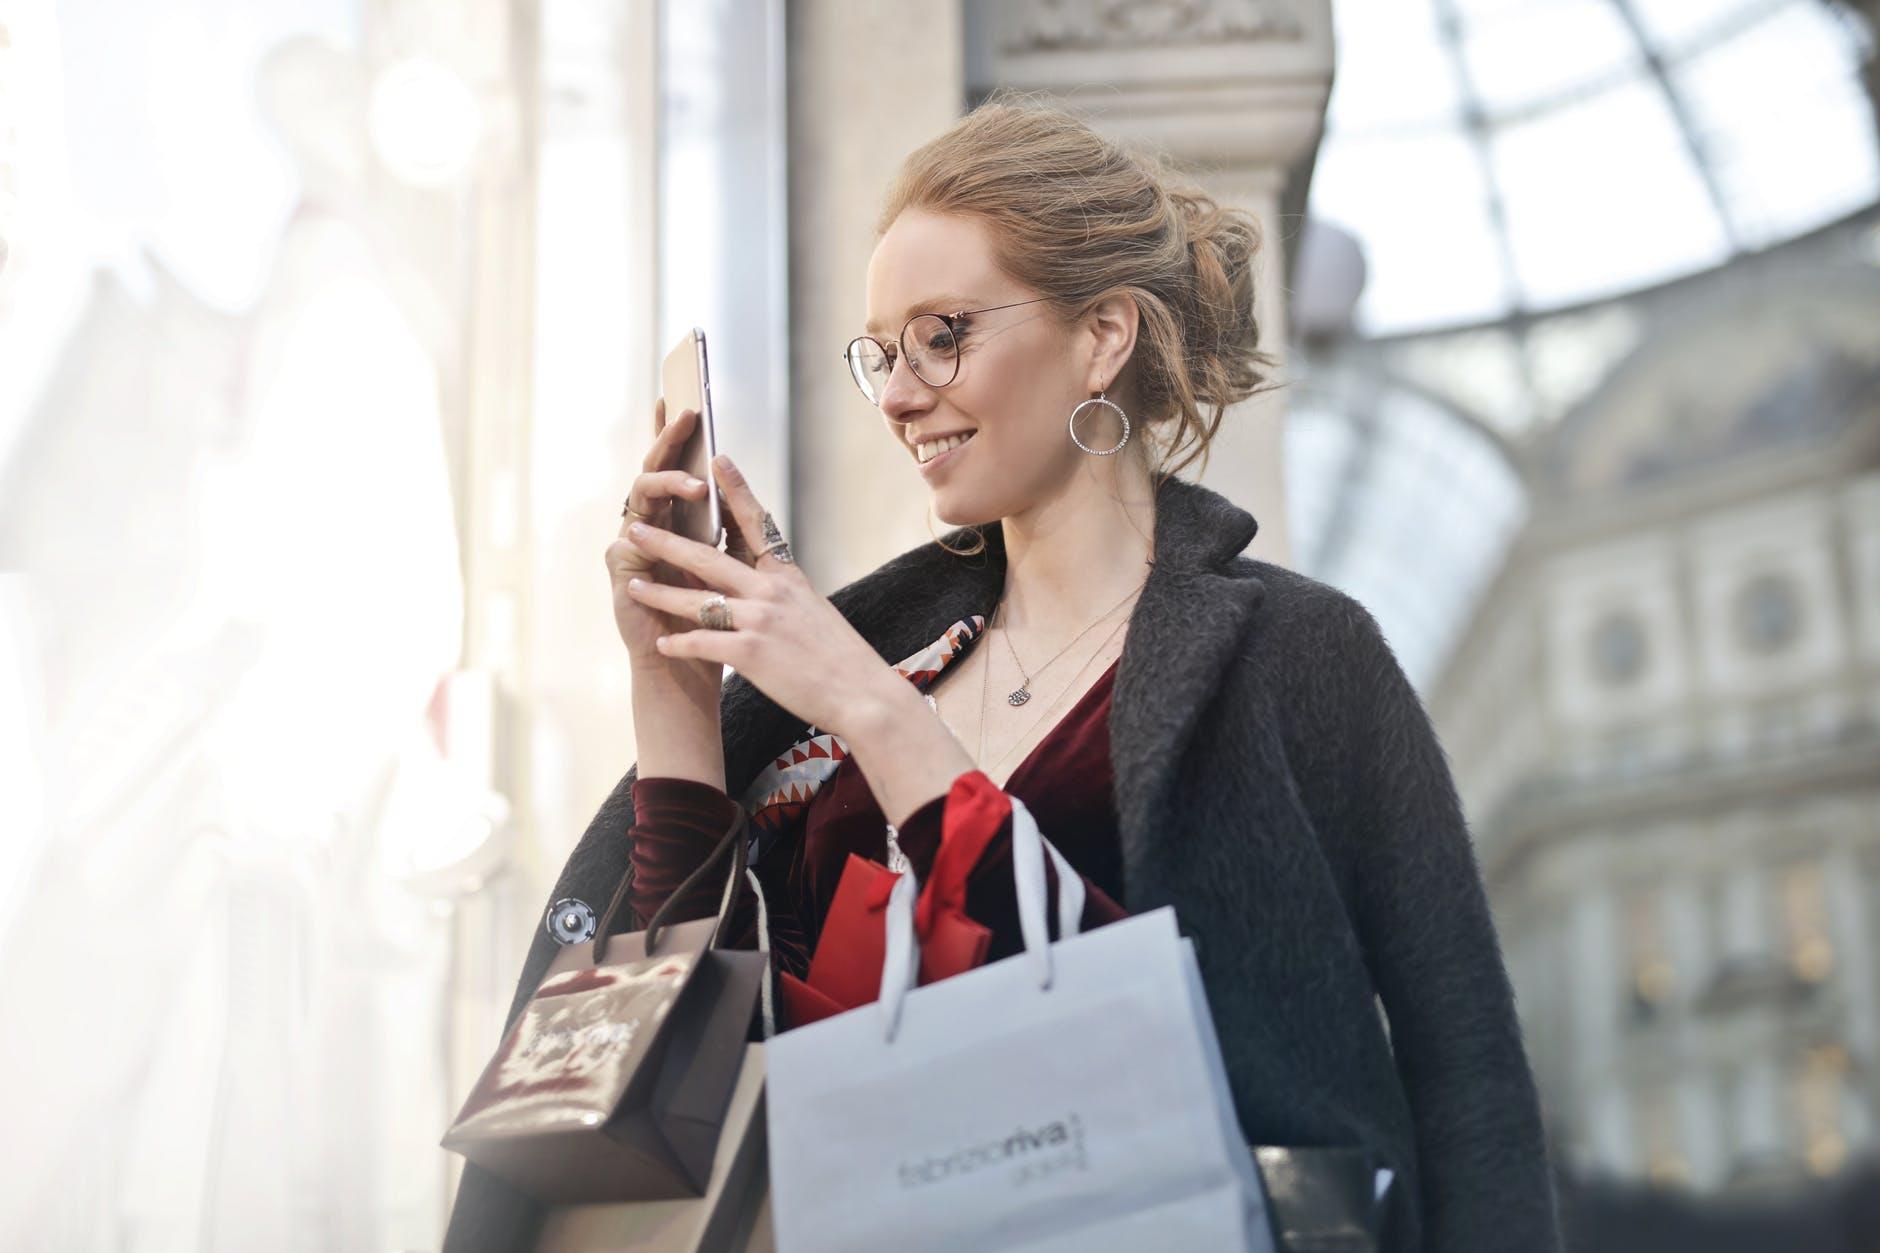 Situs Jual Beli Online Populer Untuk Kamu yang Hobi Belanja